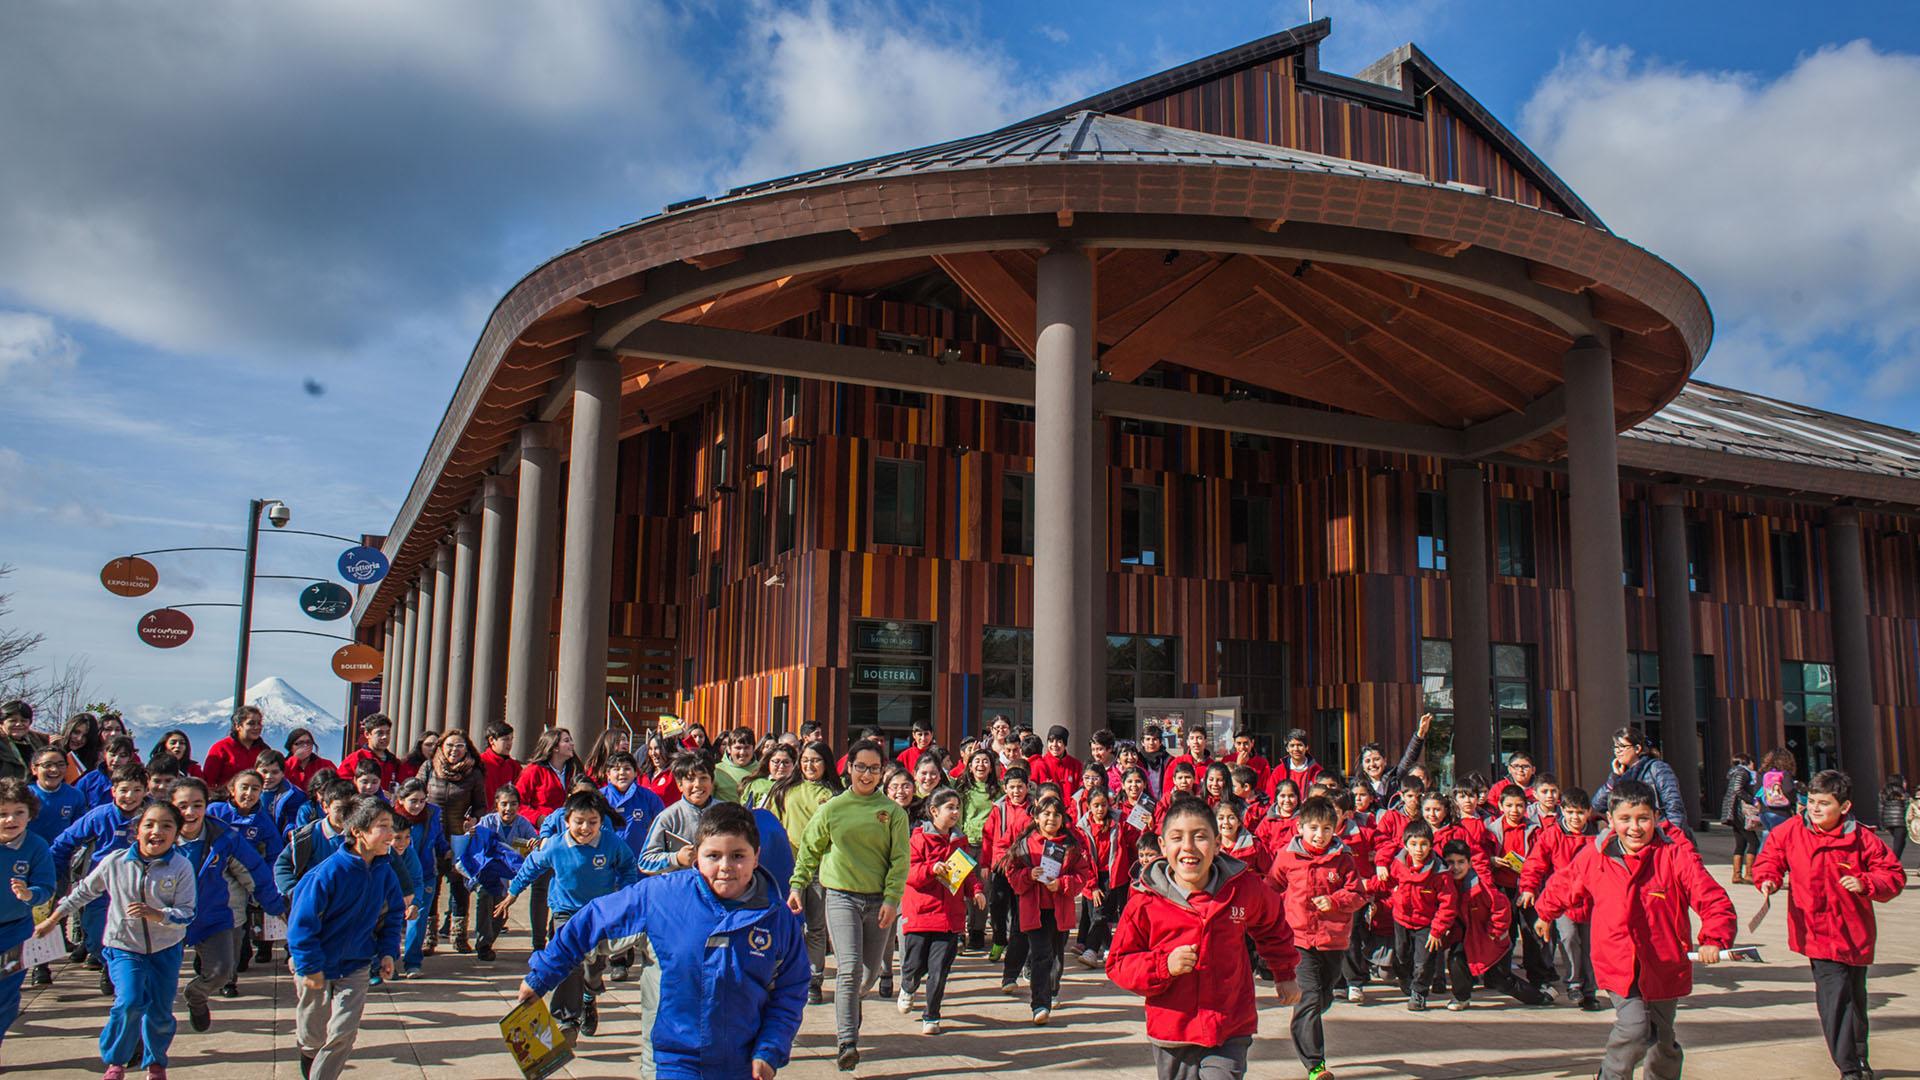 La arquitectura del Teatro del Lago emula los antiguos galpones de la Región de Los Lagos. Se valoriza el uso de la madera. La cubierta y los pilares exteriores son de cobre